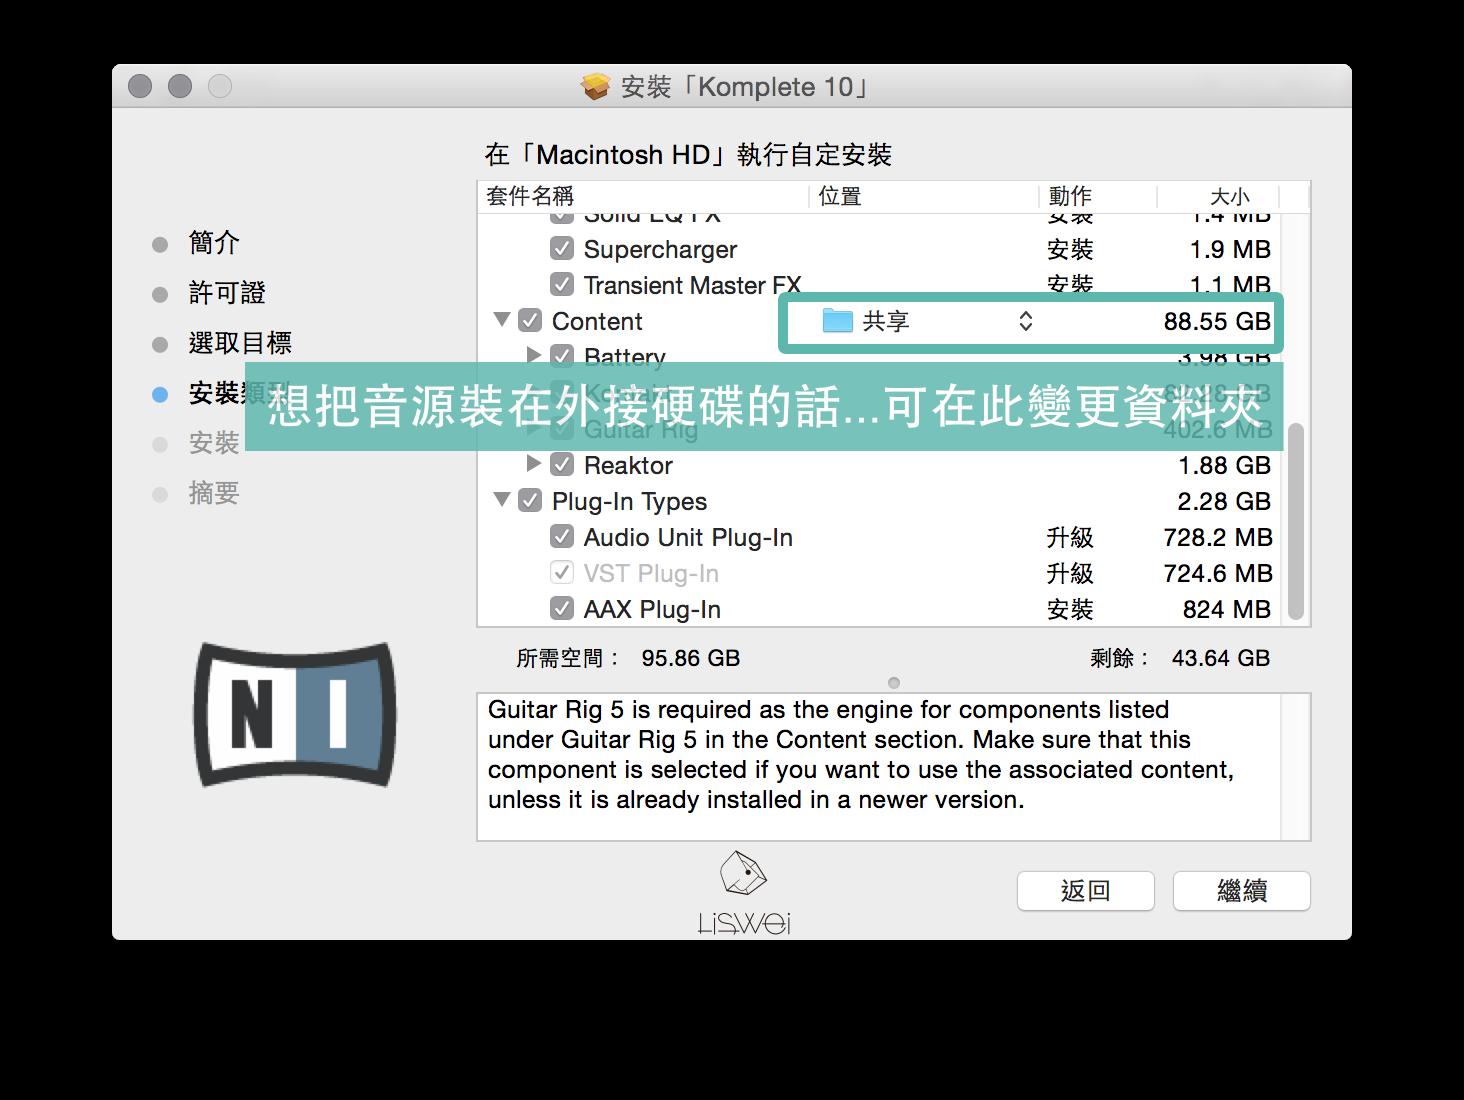 音源 Content 的部分 Mac 預設是安裝在 使用者的共享資料夾內;如果你想安裝到外接硬碟的話請將他選擇到你想安裝的硬碟以及資料夾中。